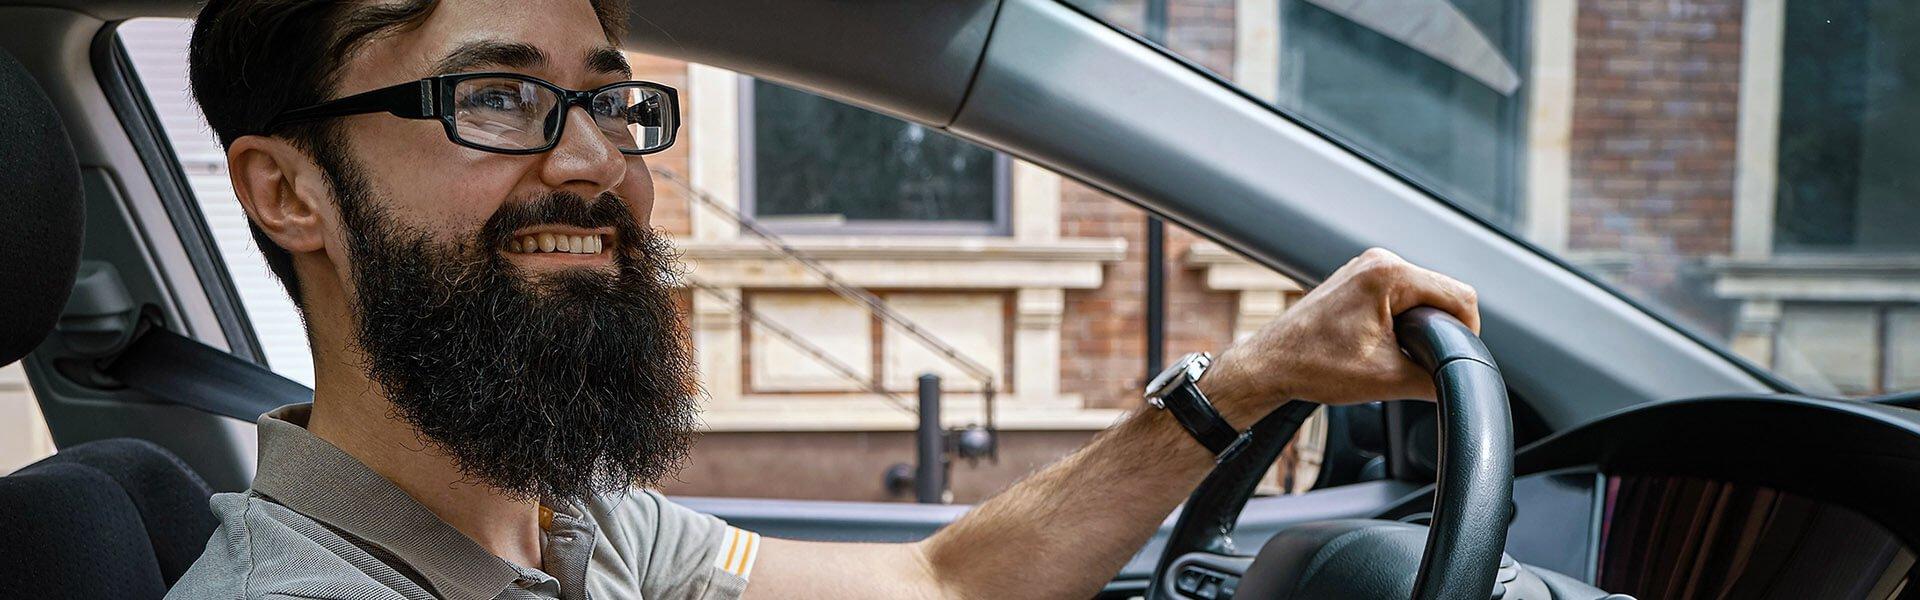 haal-snel-je-rijbewijs-tips